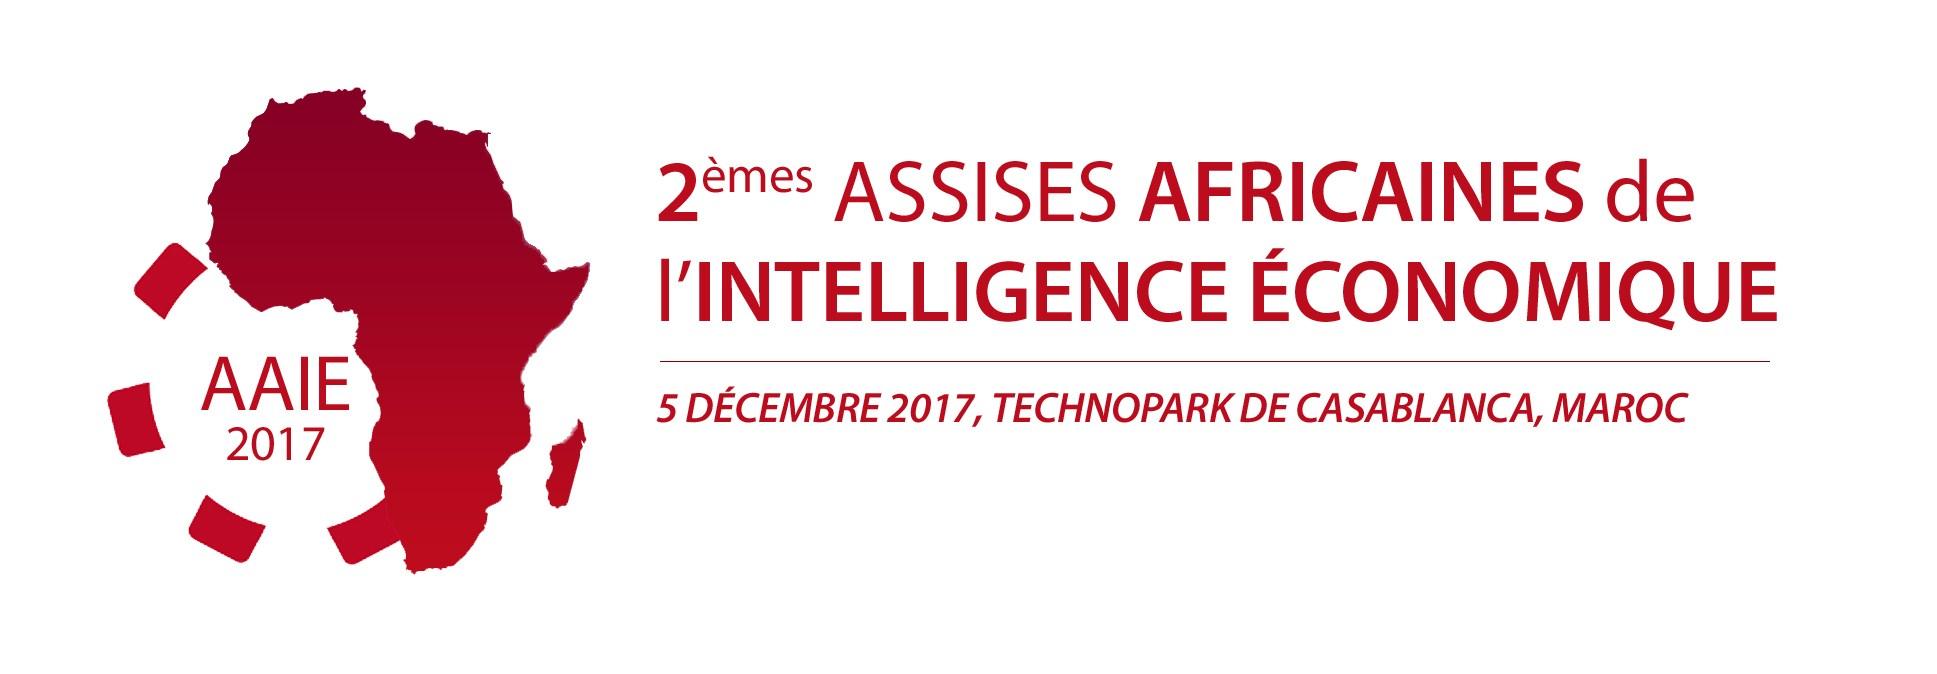 Assises Africaines de l'Intelligence Économique